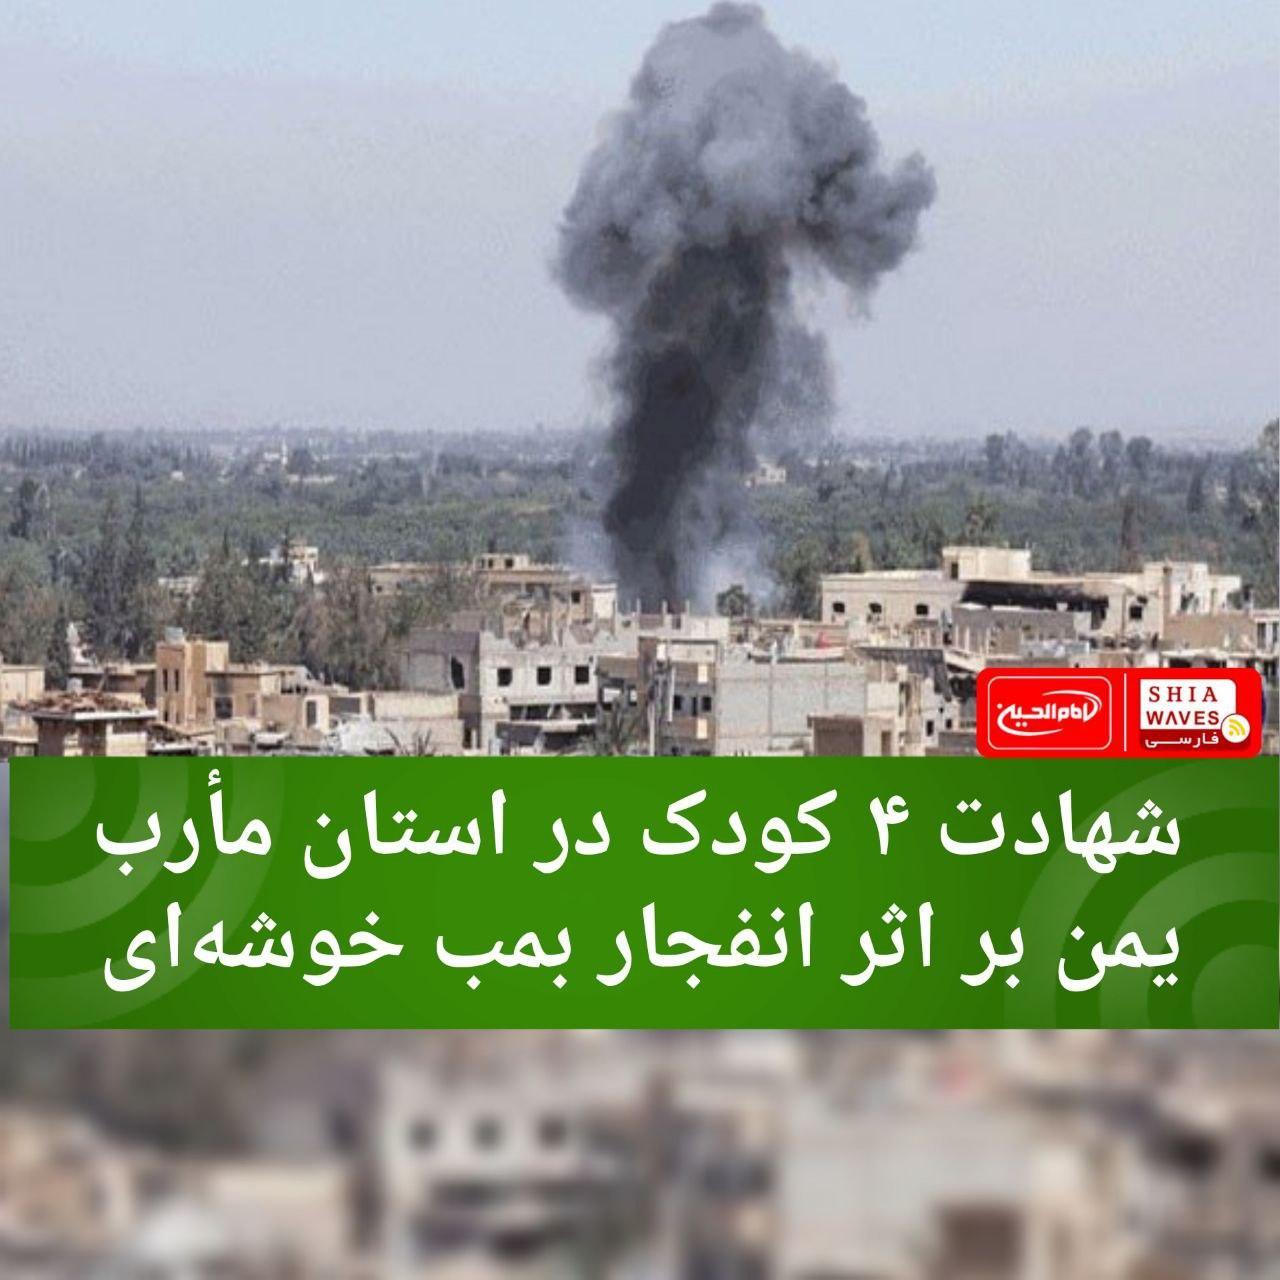 تصویر شهادت ۴ کودک در استان مأرب یمن بر اثر انفجار بمب خوشهای